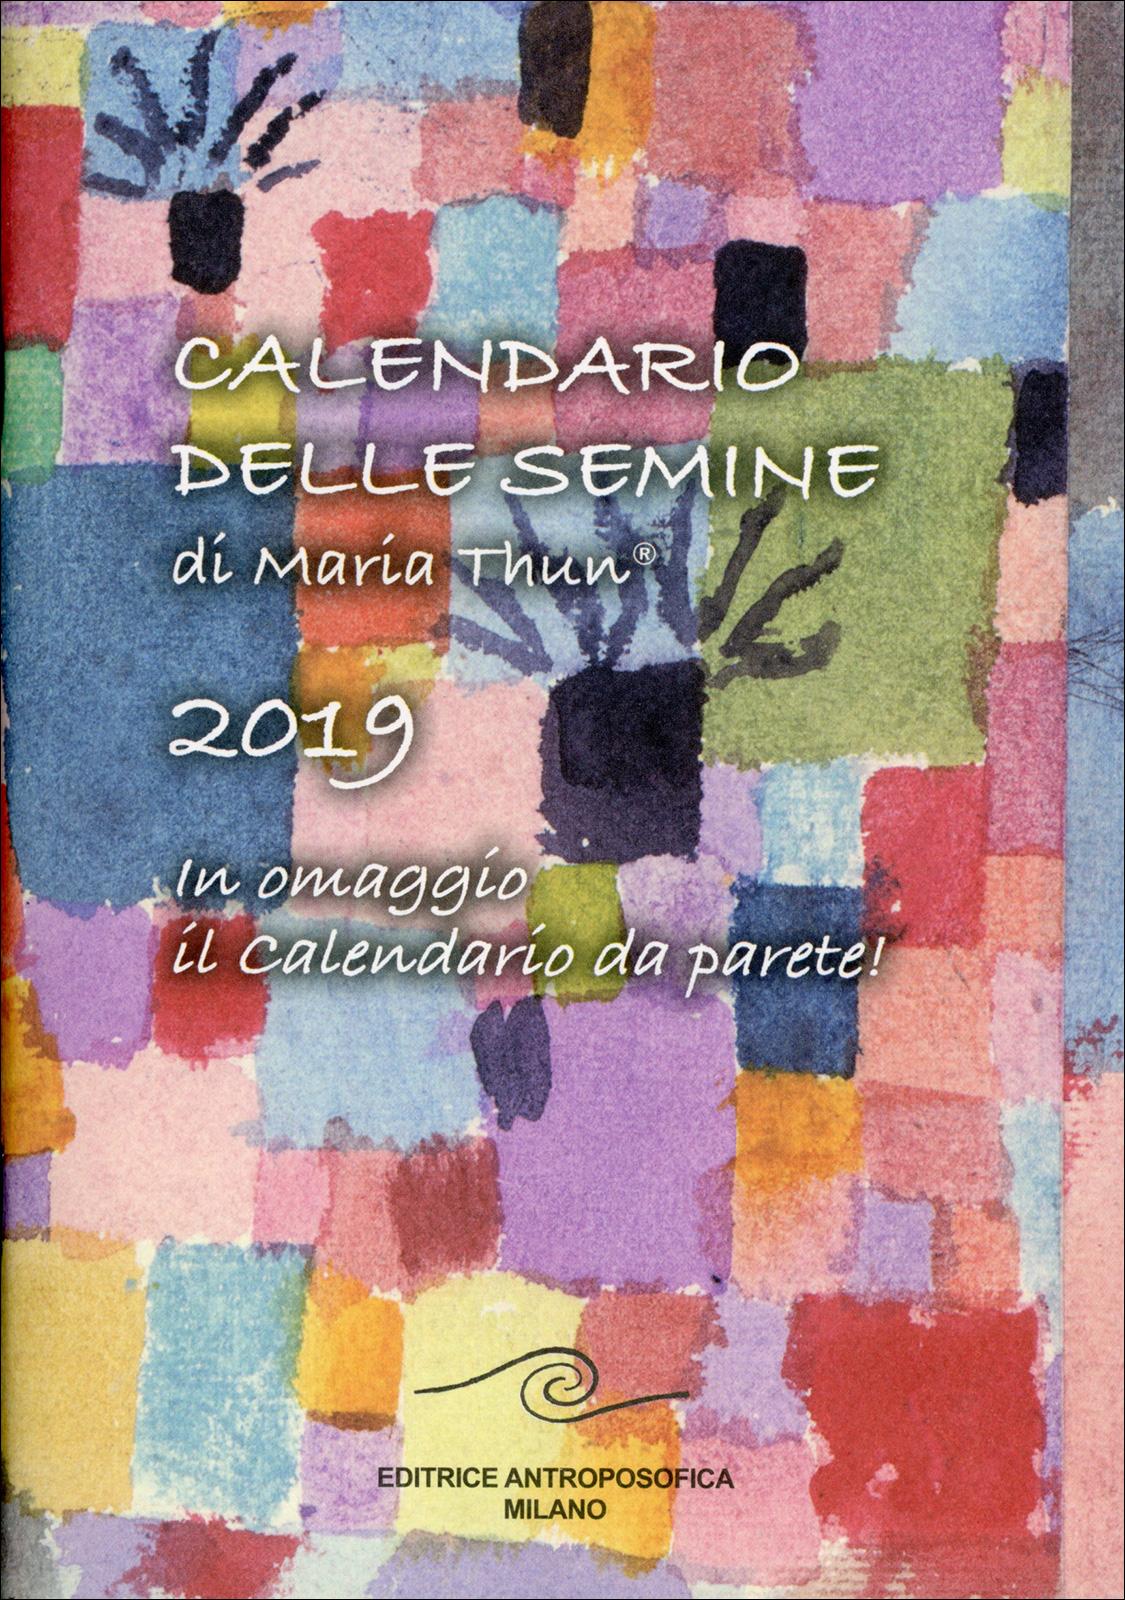 Calendario Lunare Capelli Marzo 2020.Calendario Delle Semine 2019 Di Maria Thun